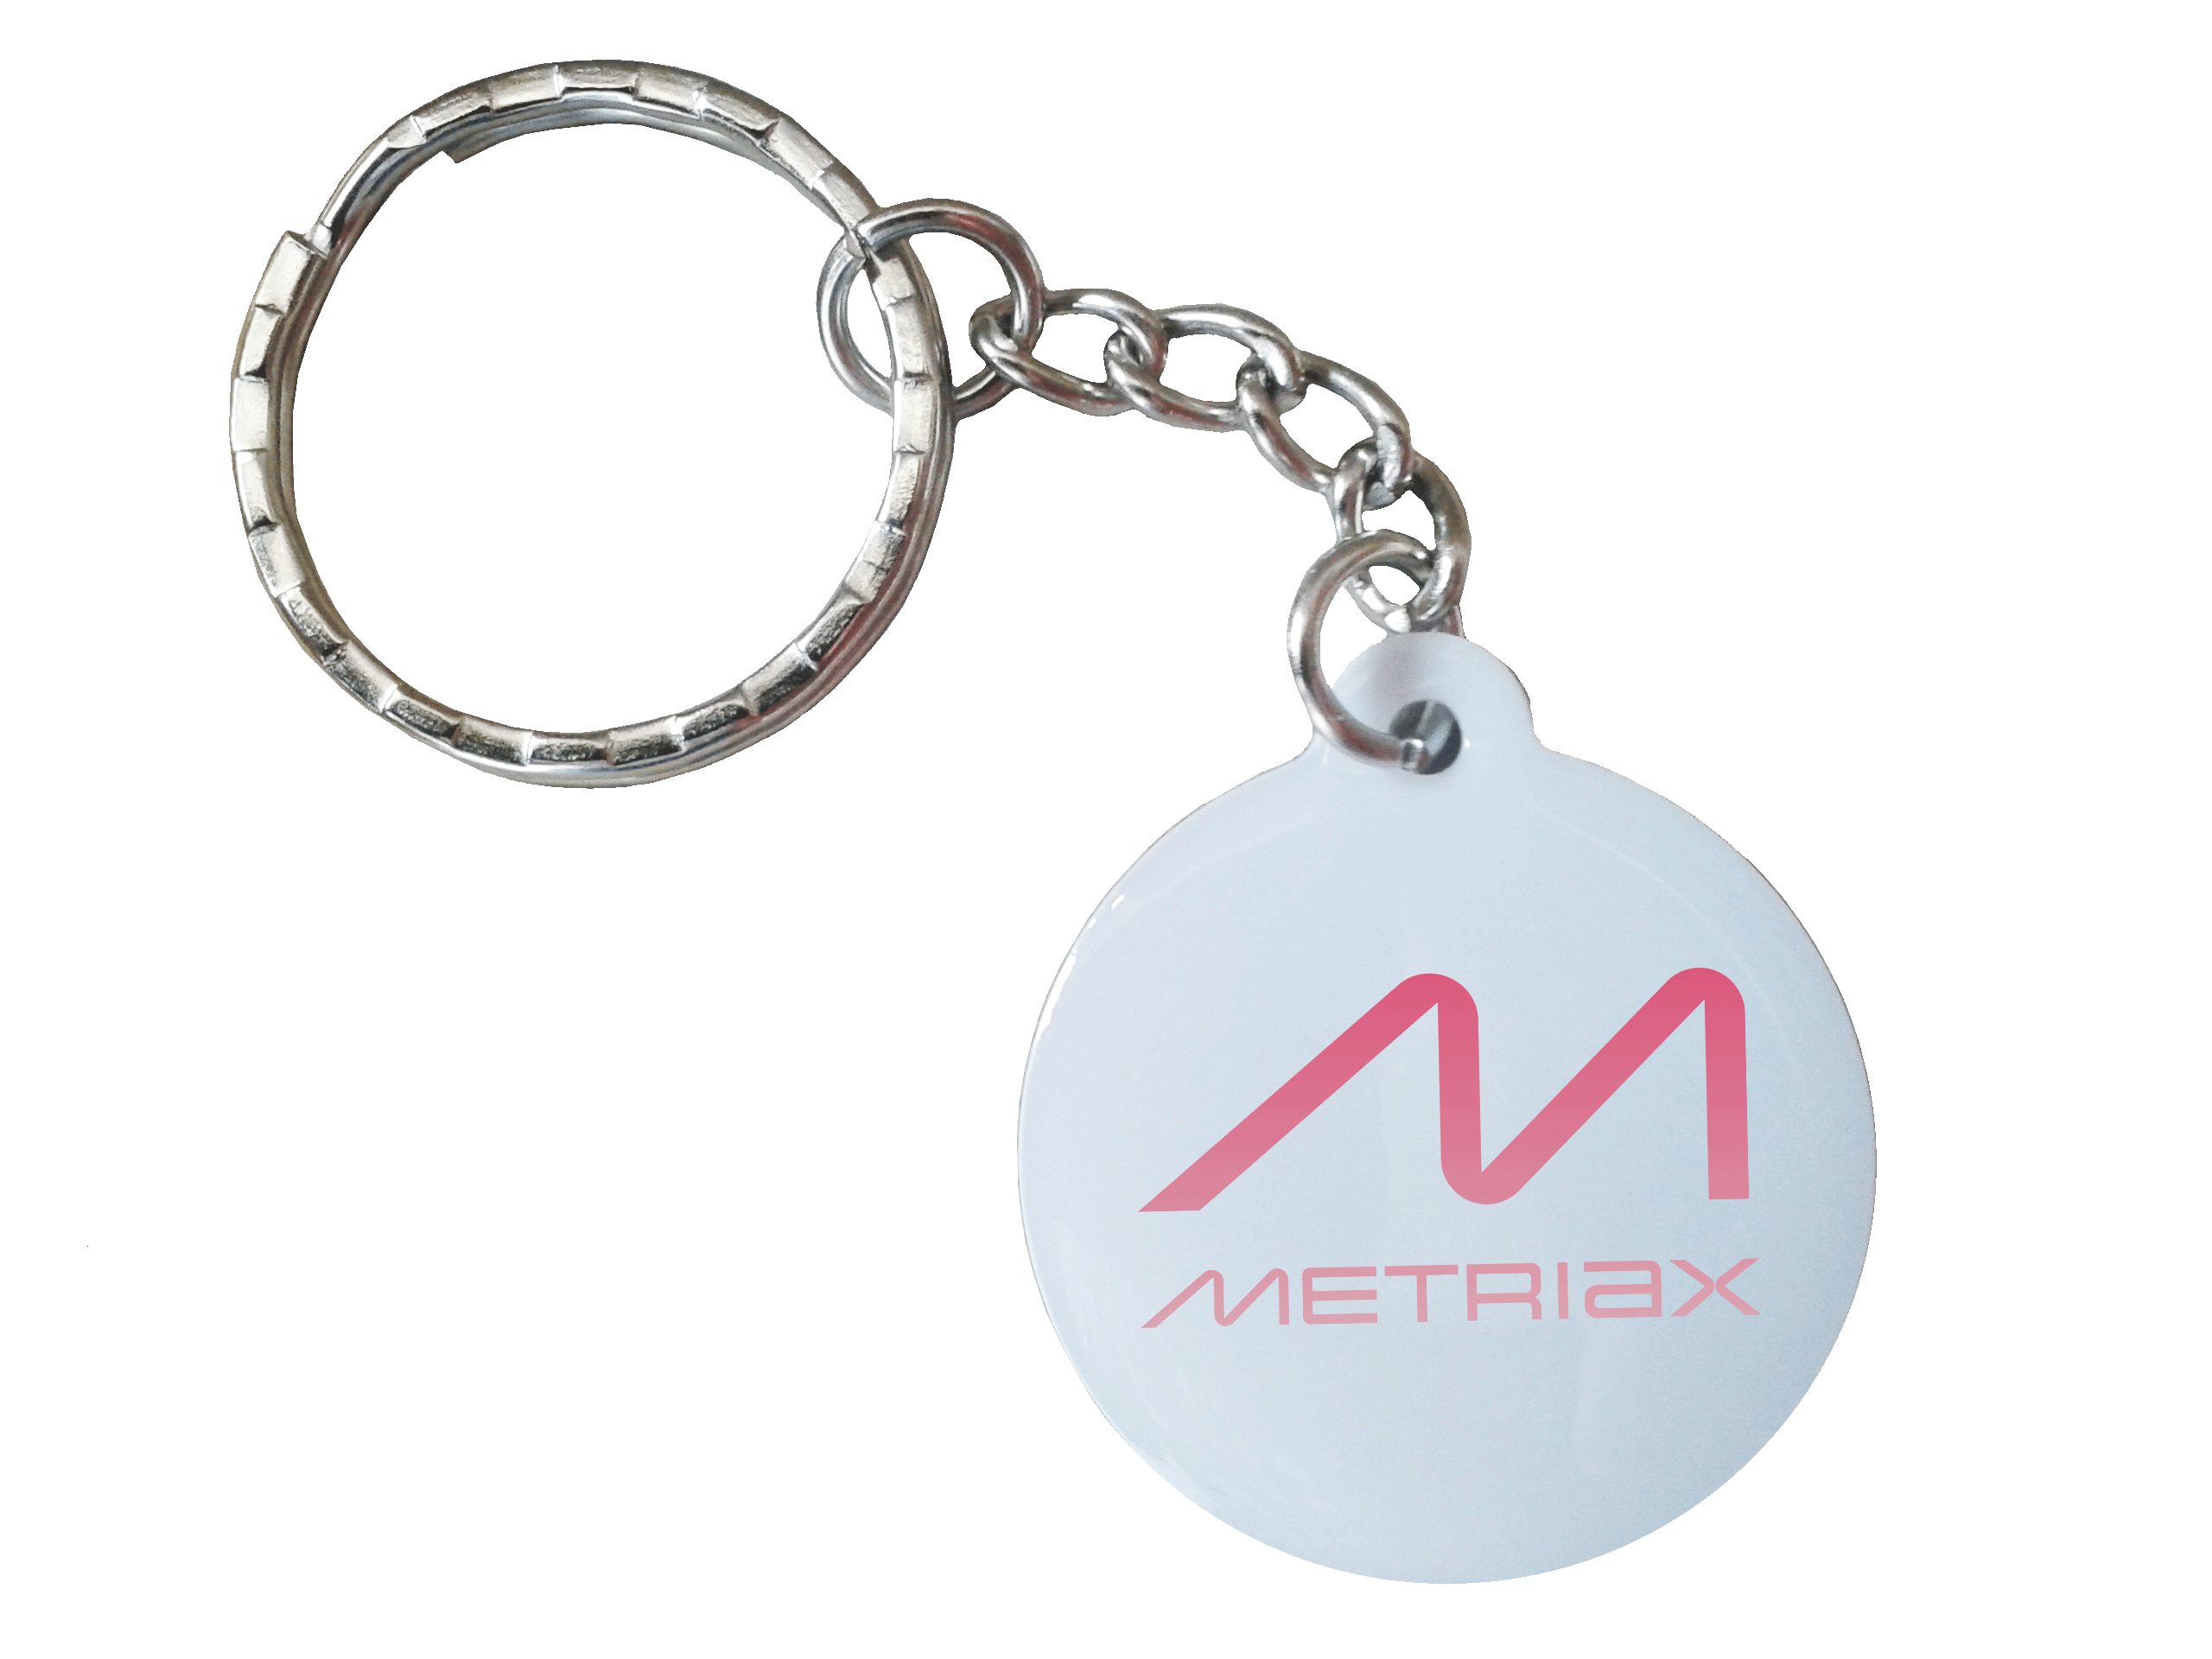 Metriax-Epoxy-RFID-NFC-Keyfob-Schlüsselanhänger-13,56 MHz-125KHz